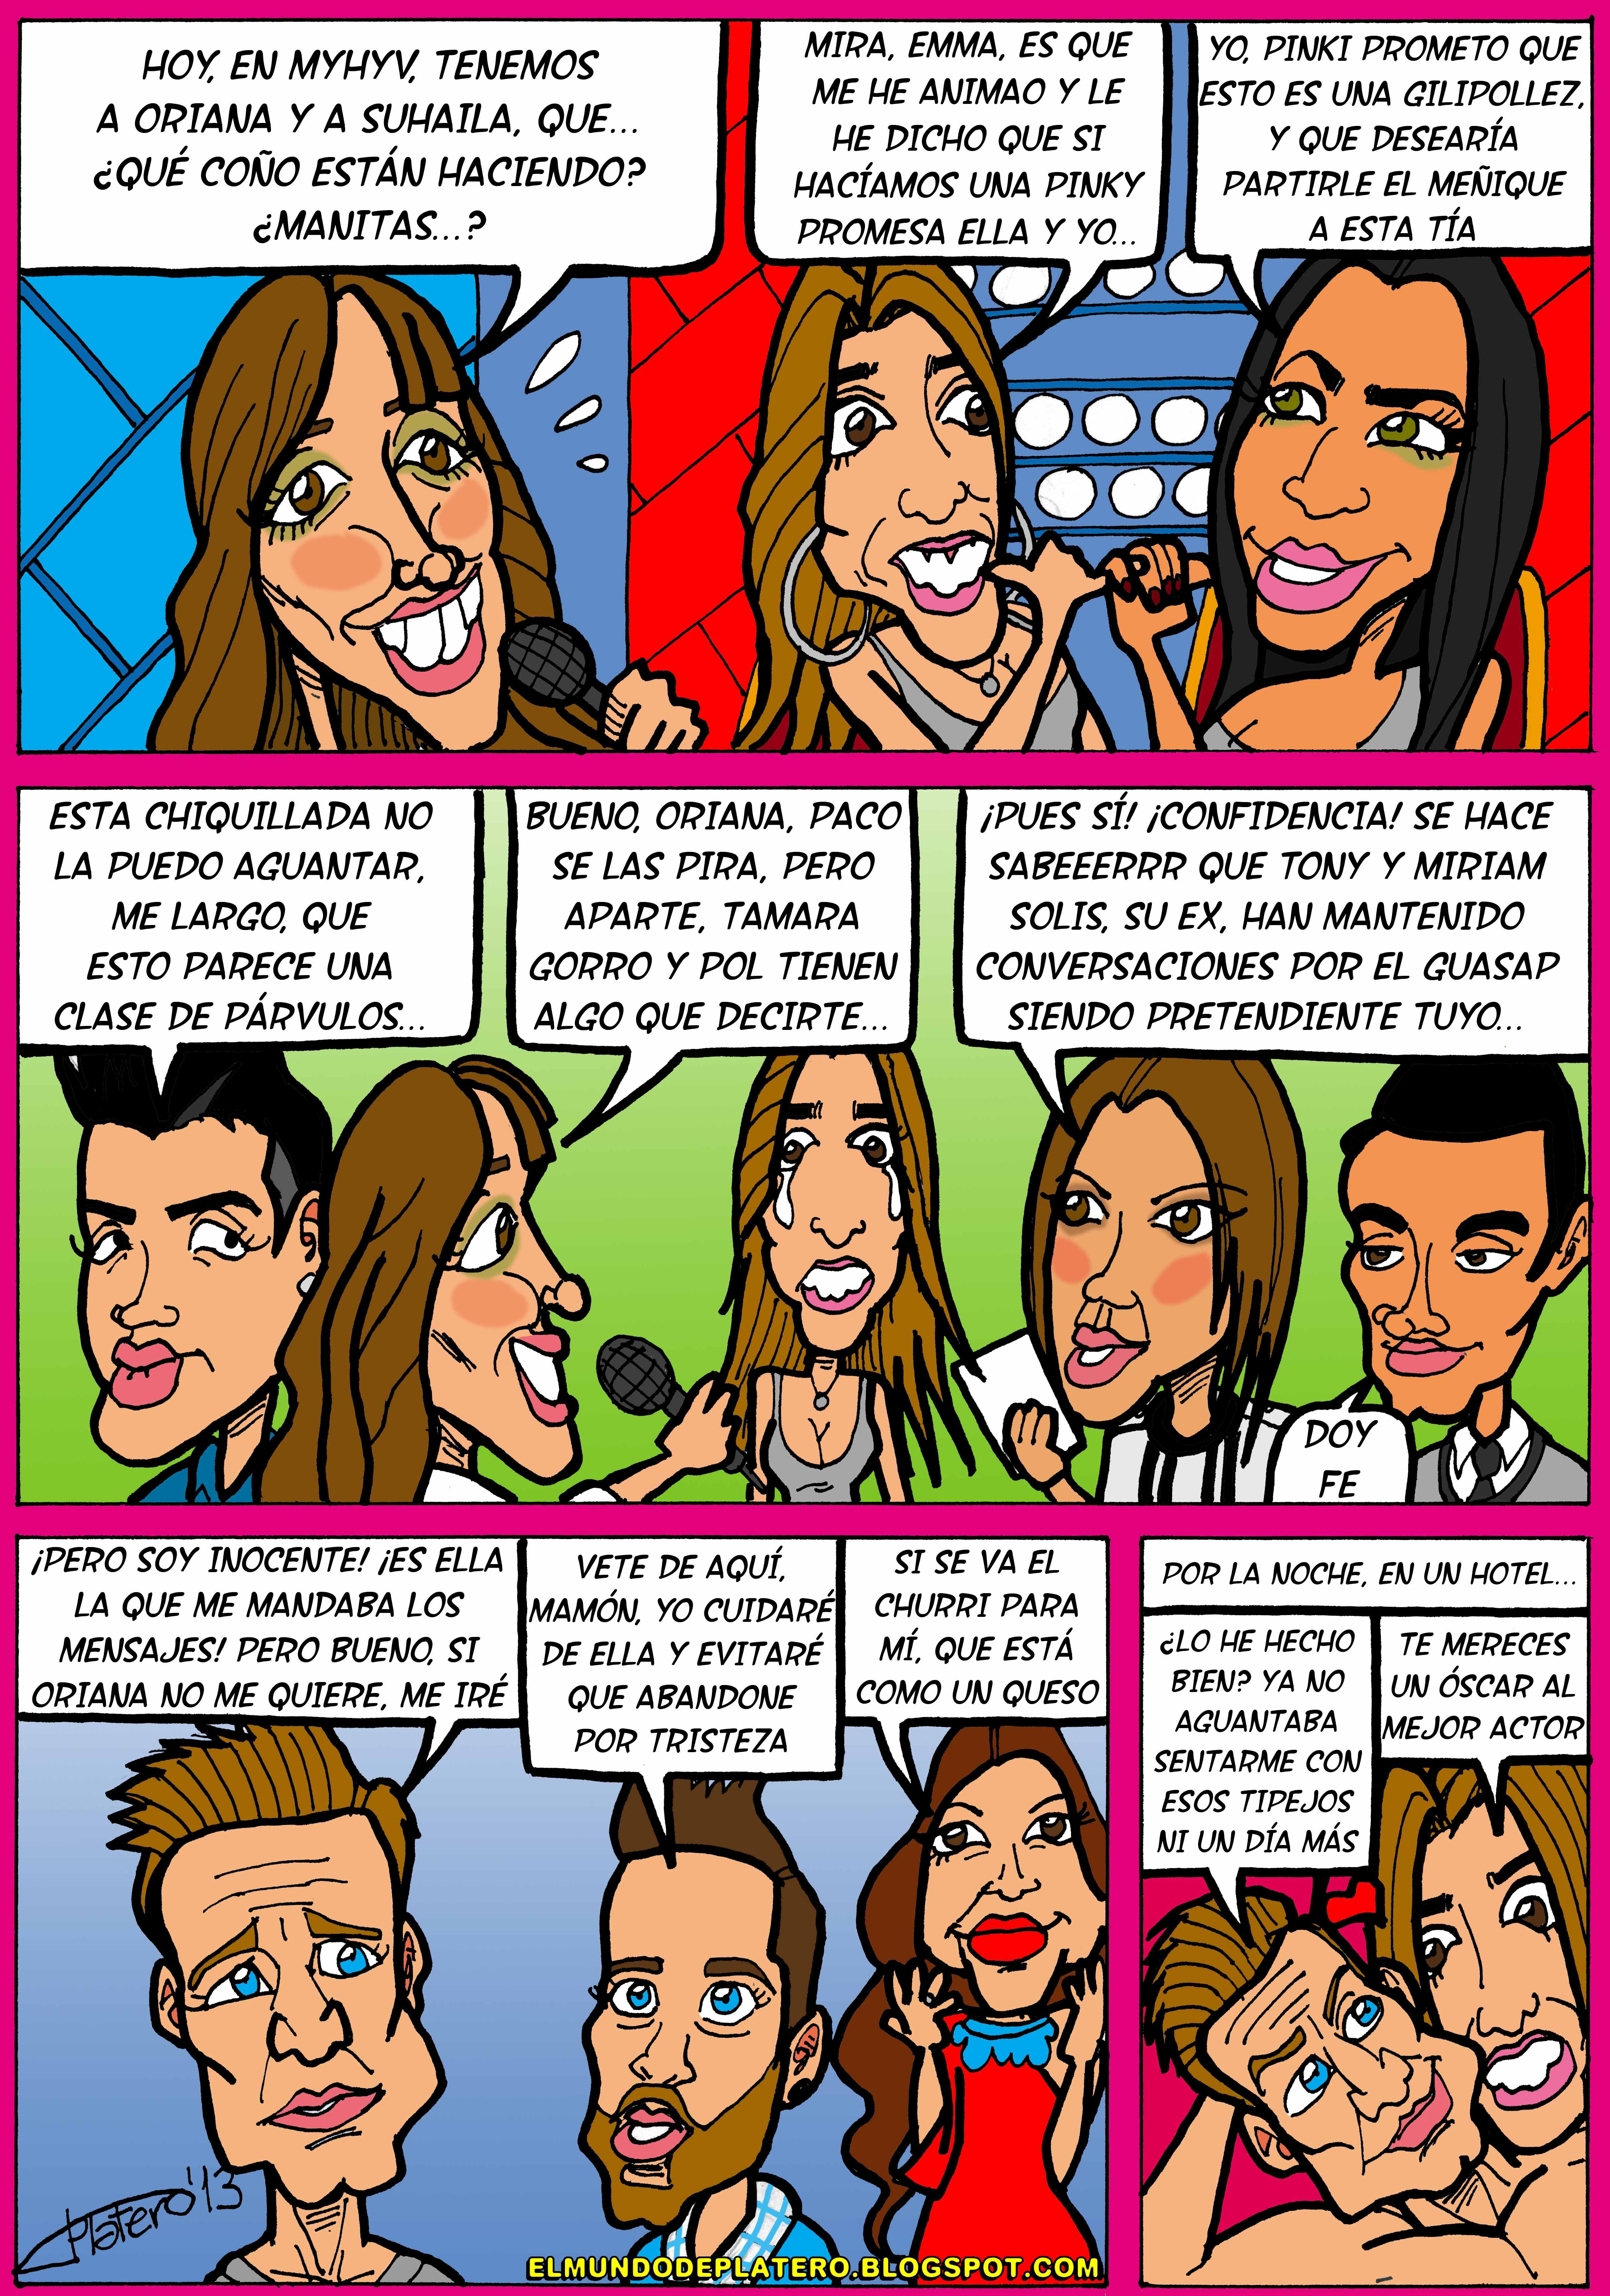 04_cómic final oriana_mujeres y hombres y viceversa_elmundodeplatero_josé luis platero